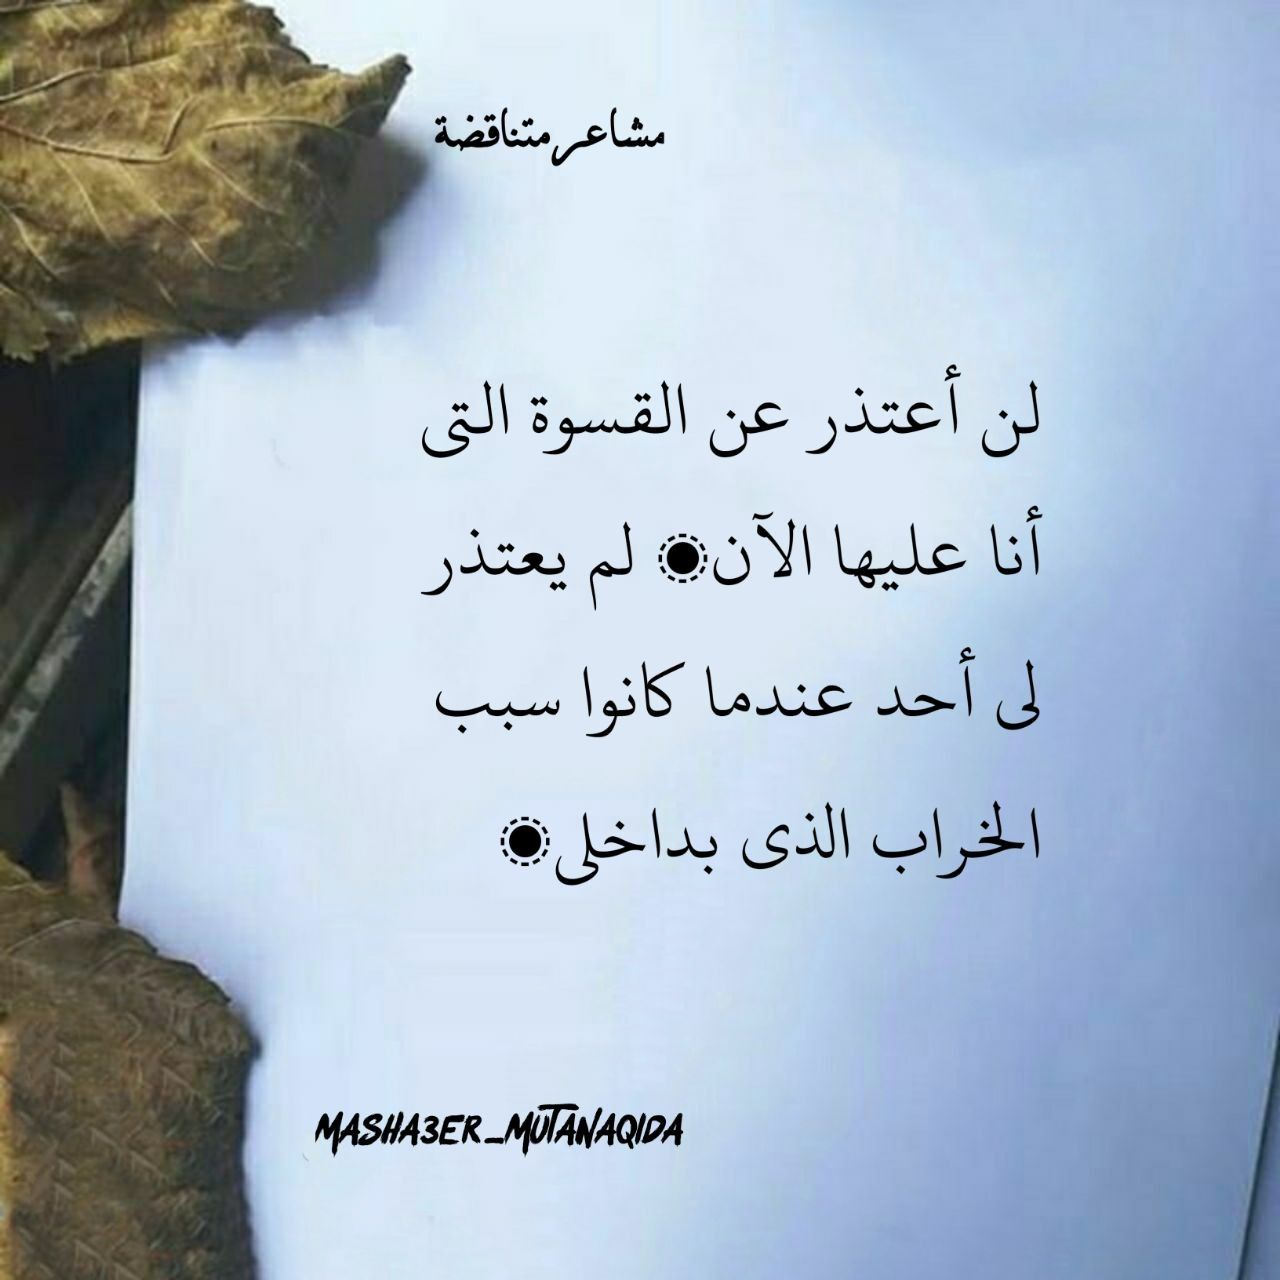 لن أعتذر Lins Arabic Calligraphy Calligraphy